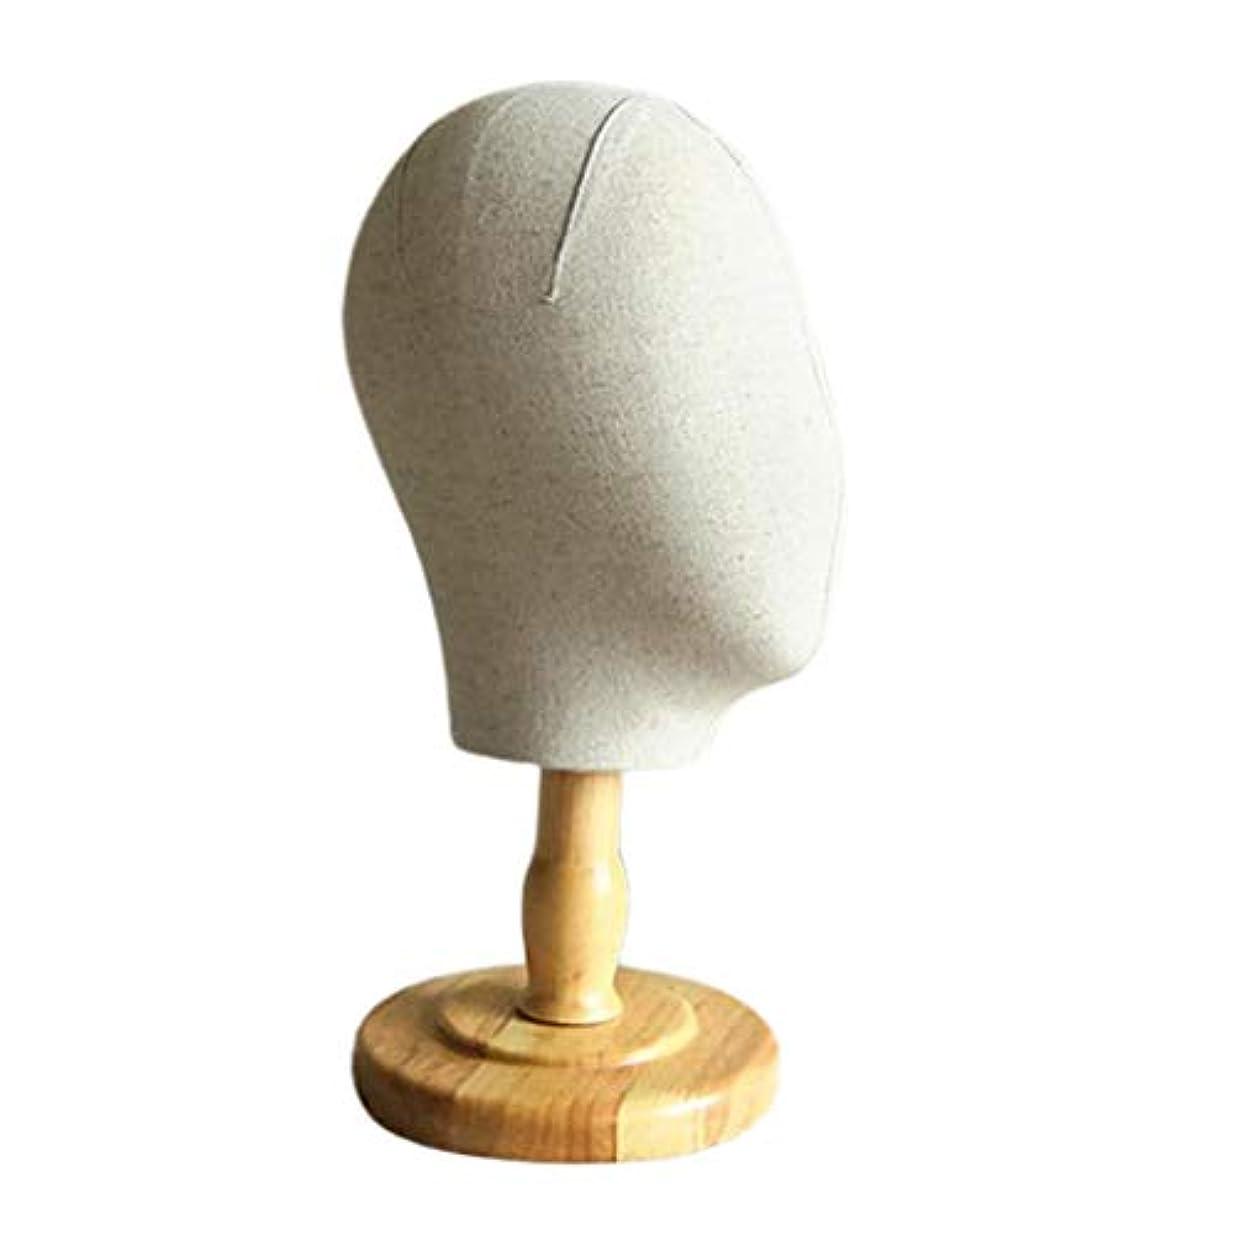 成分多様体小屋Toygogo 帽子 スタンド マネキンヘッド ウィッグスタンド かつら ウィッグ ディスプレイ ヘッドホルダー